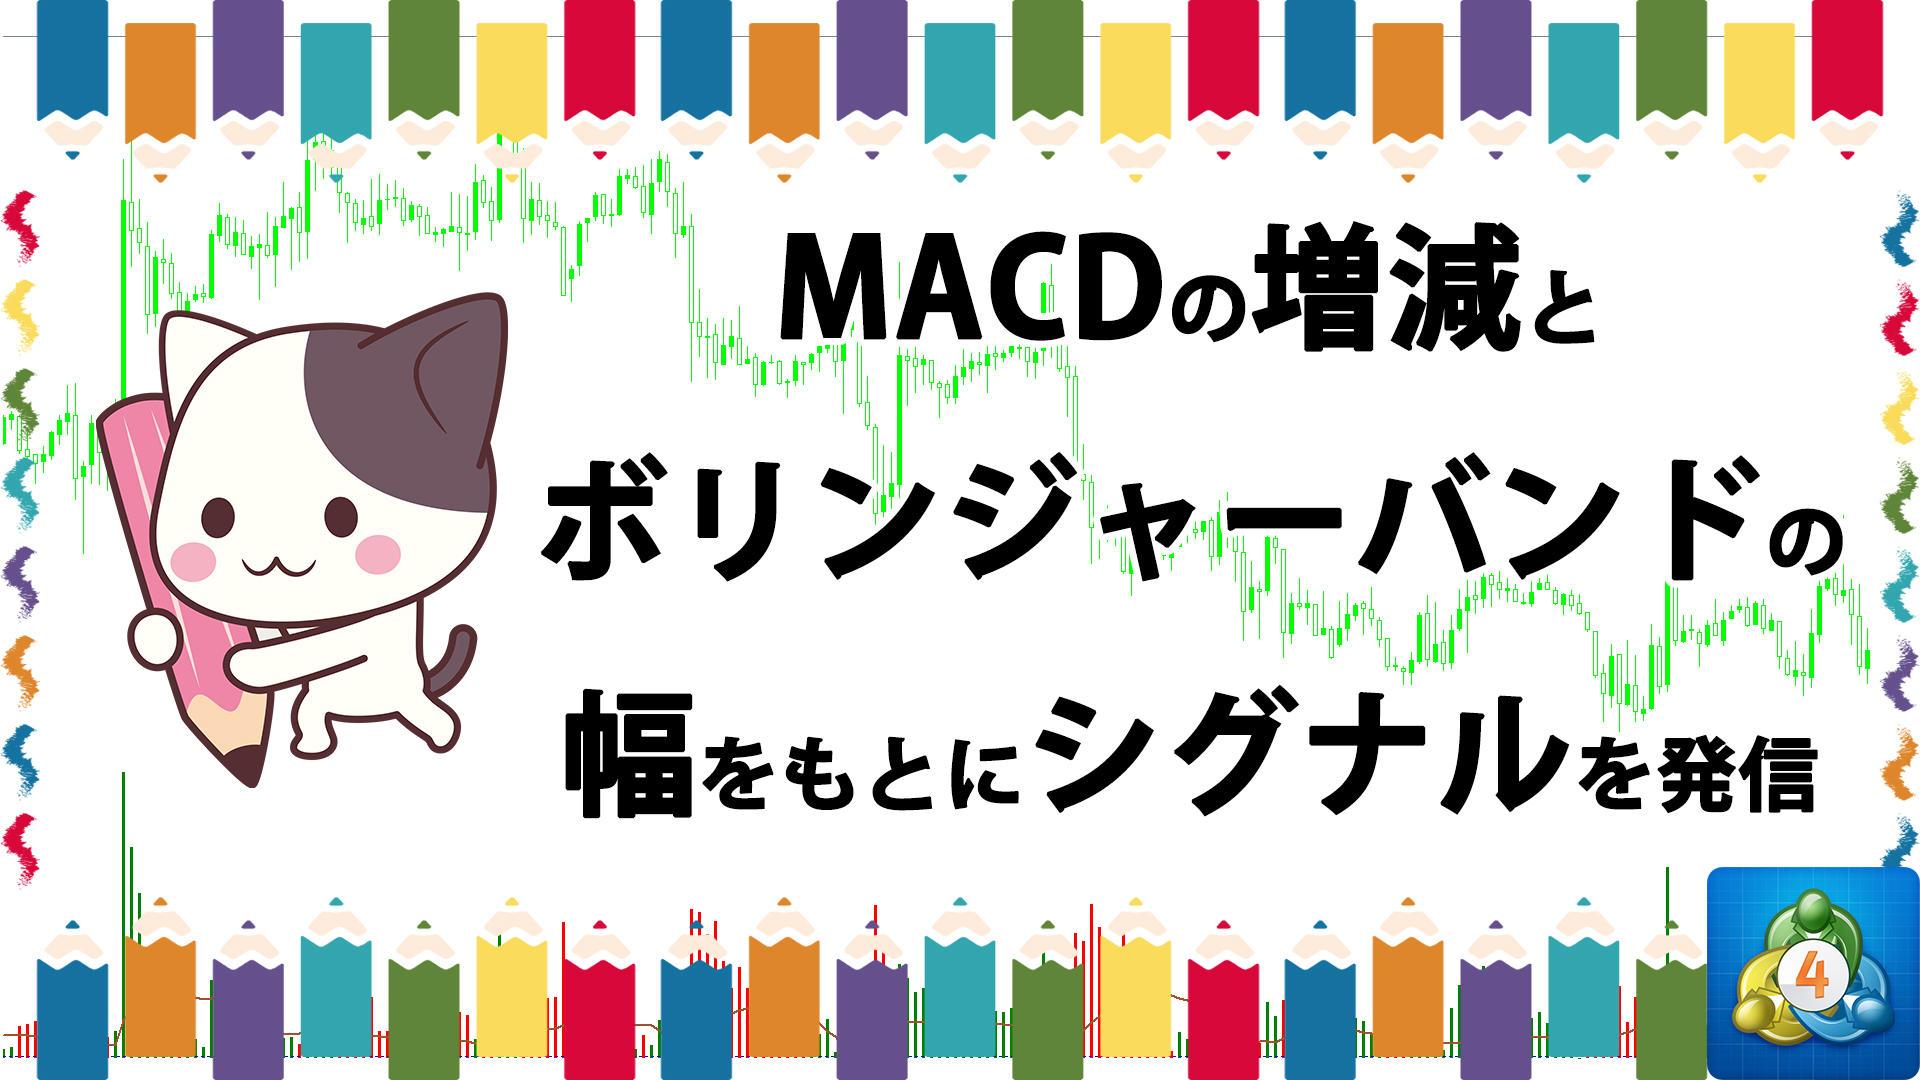 MACDの増減とボリンジャーバンドの幅の増減をもとにシグナルを発するMT4インジケーターを表示する「Waddah_Attar_Explosion」